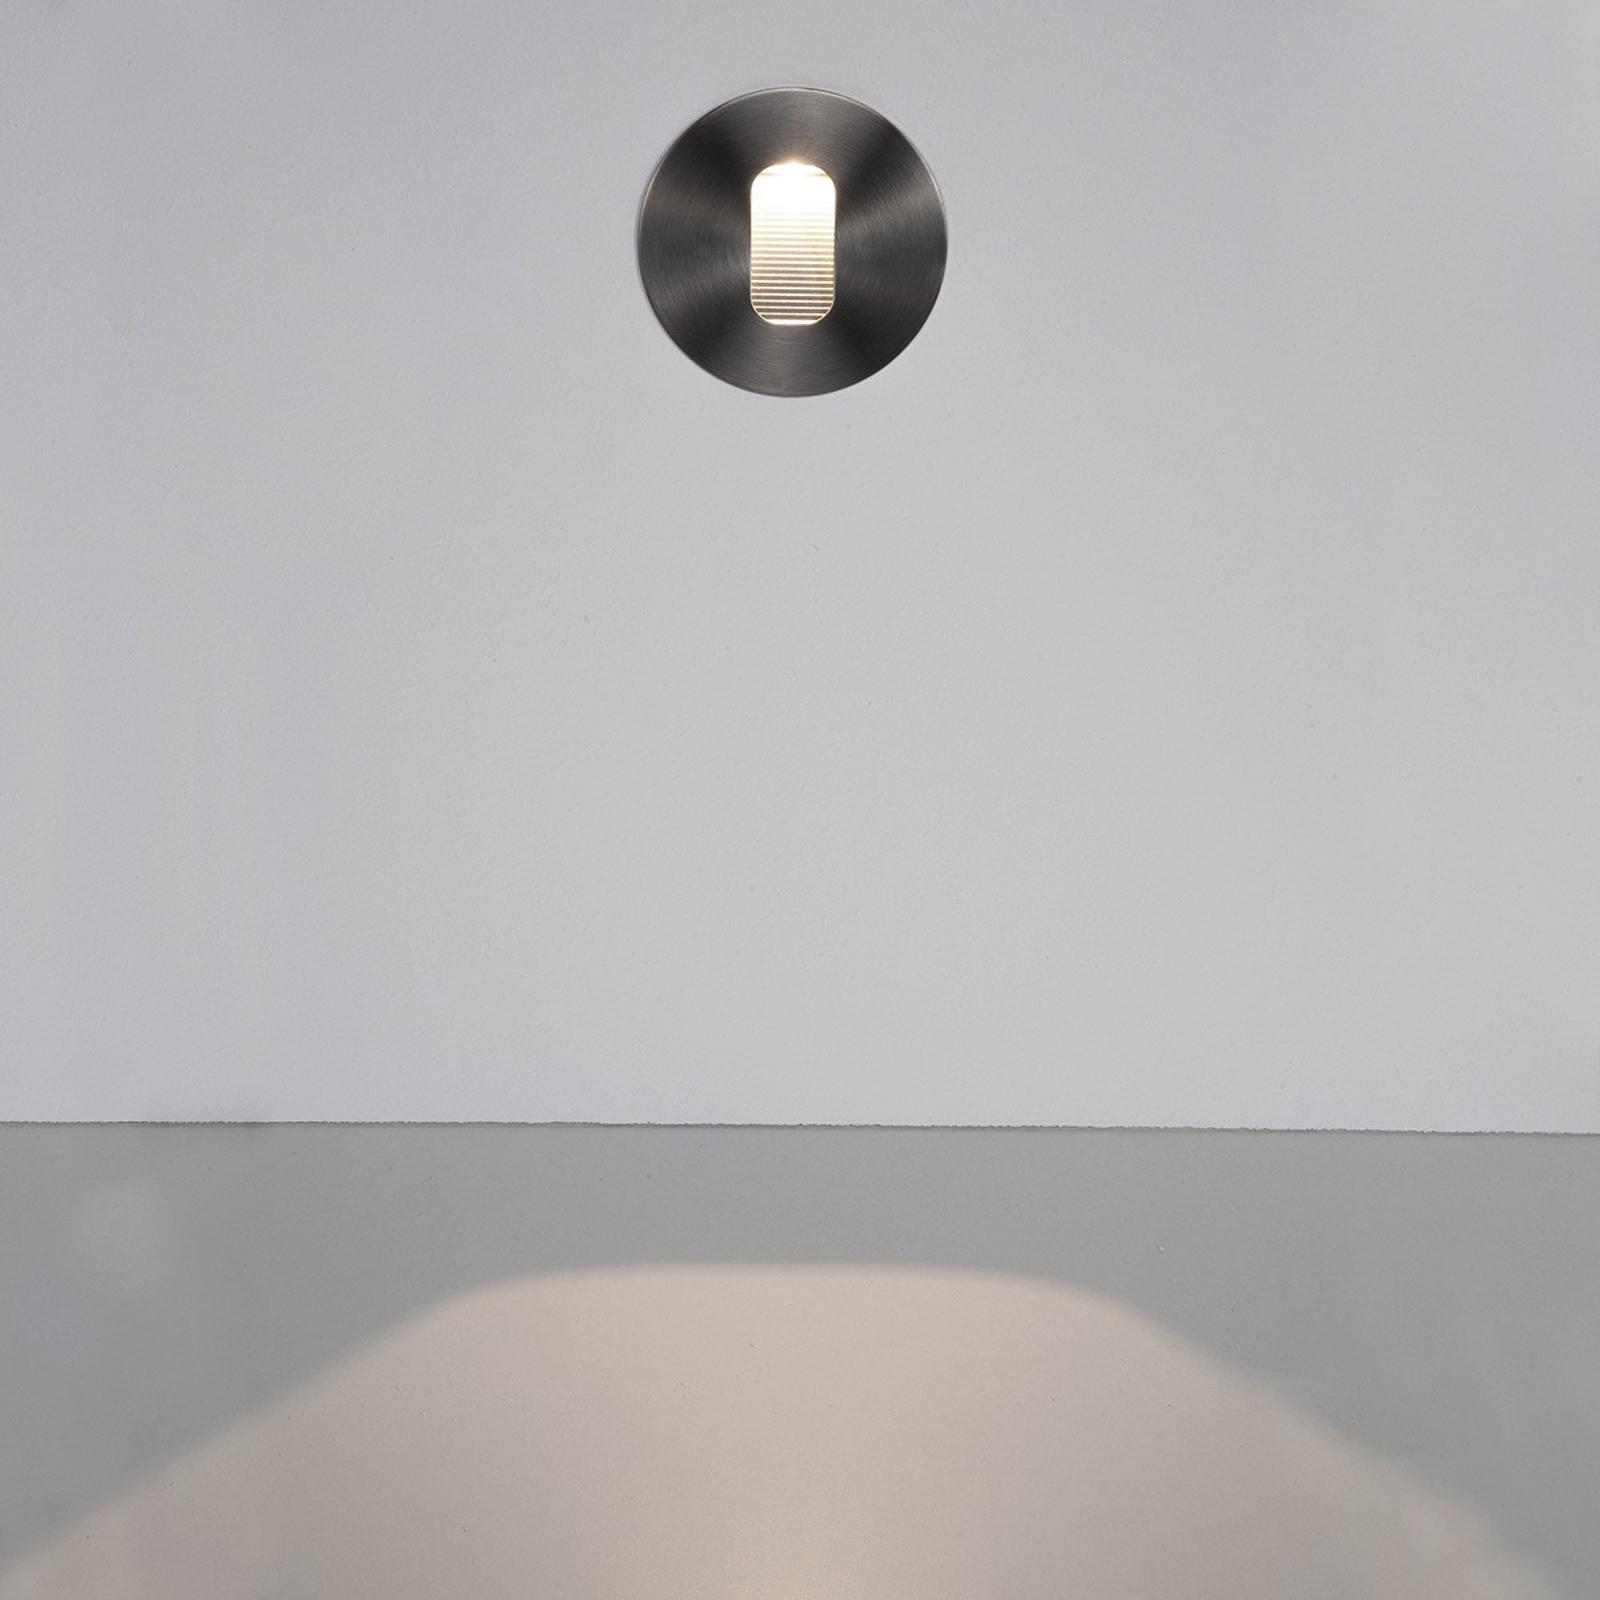 Runde LED-Wandeinbauleuchte Telke für außen